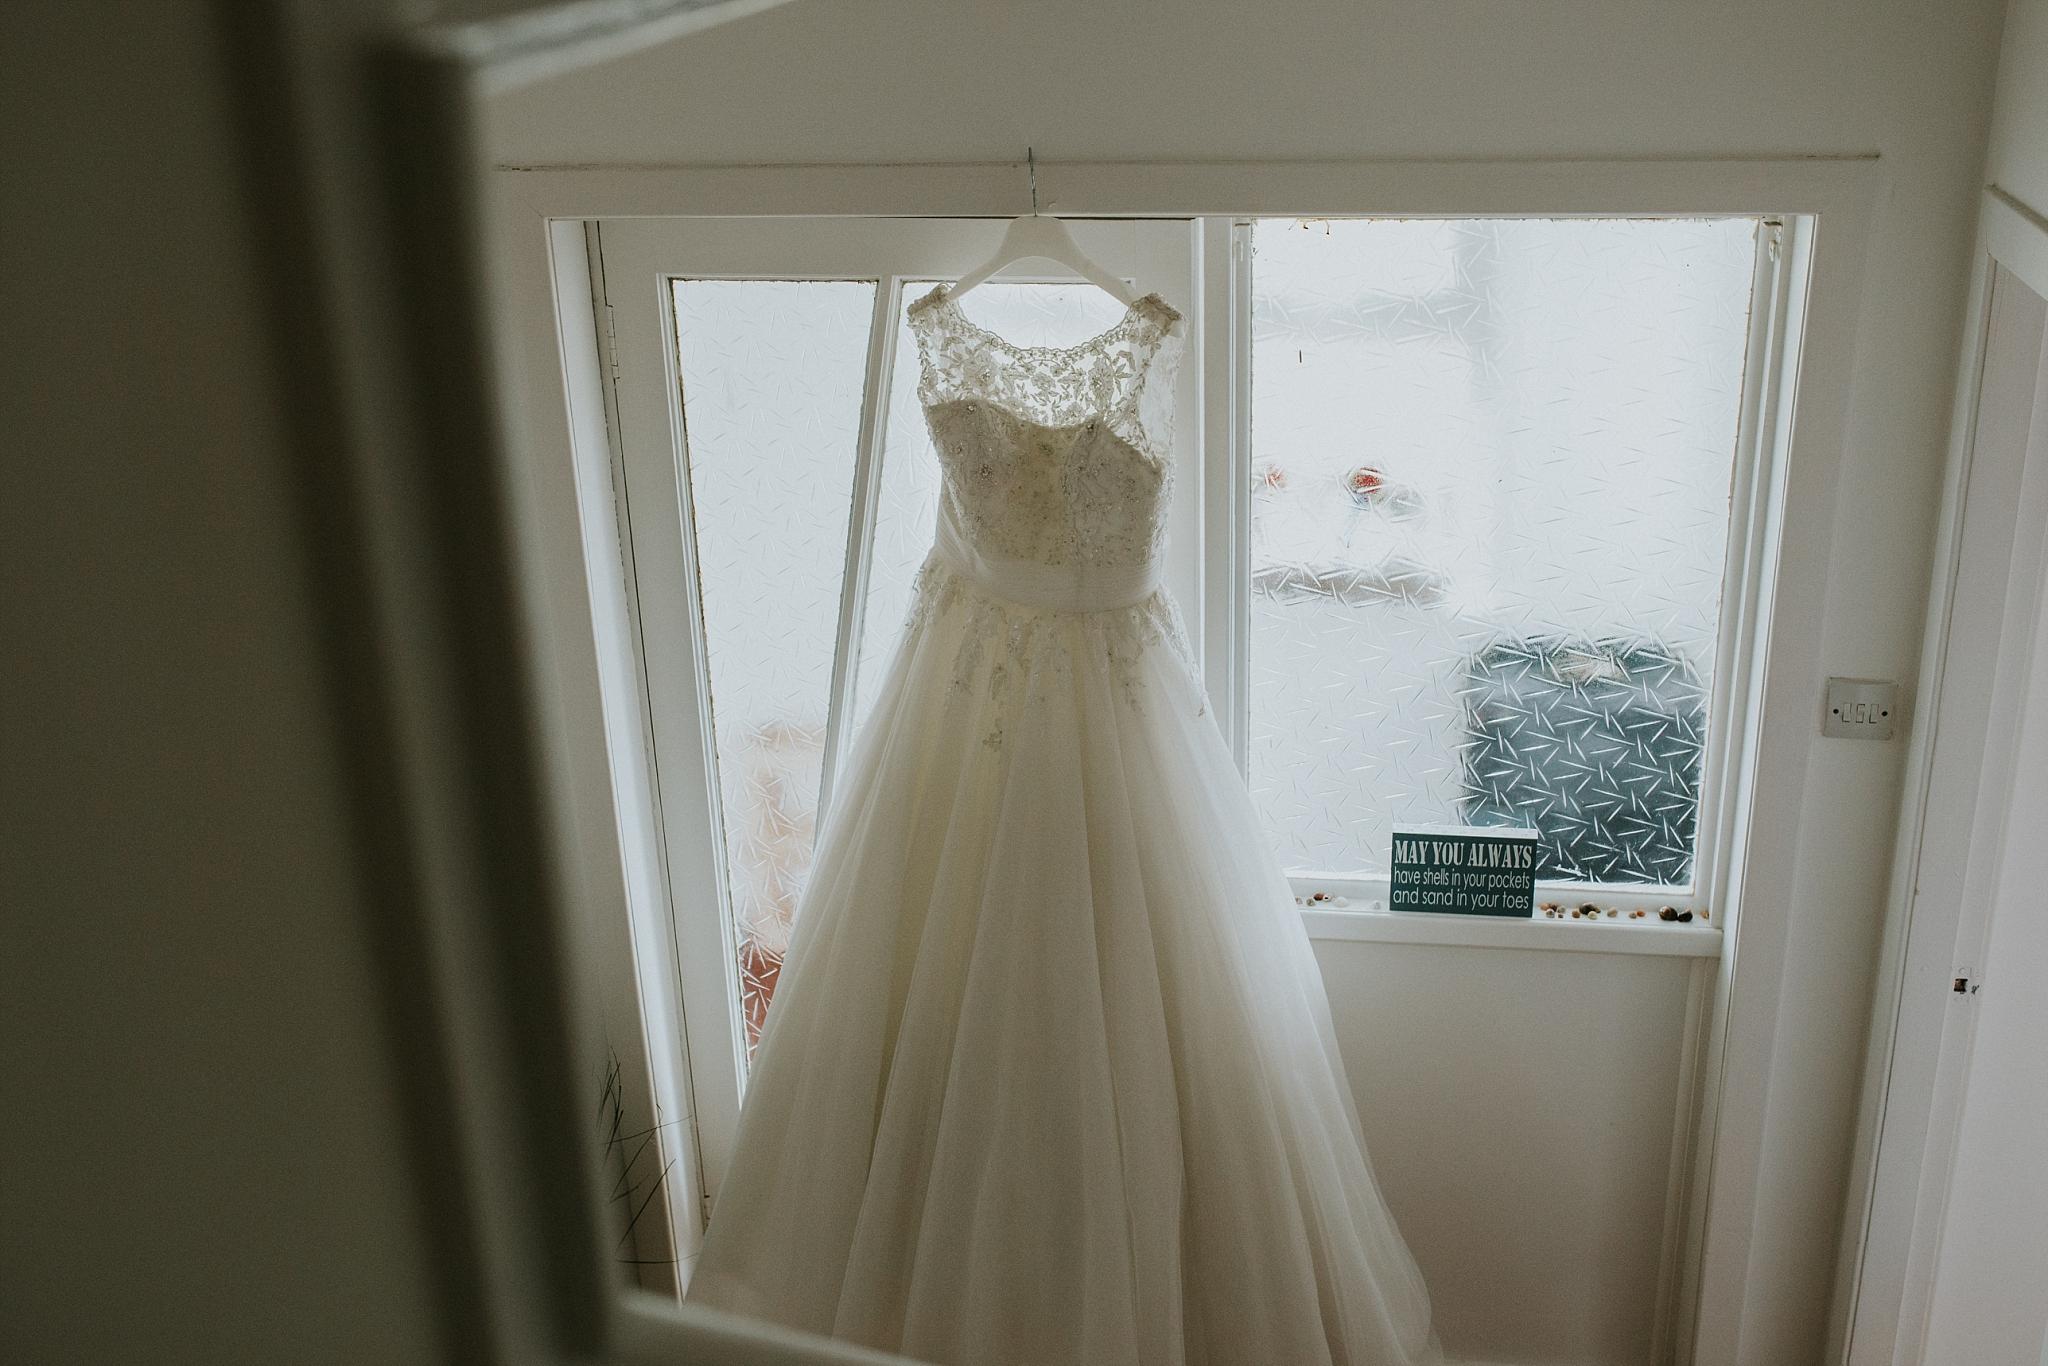 Wedding dress hanging in doorway